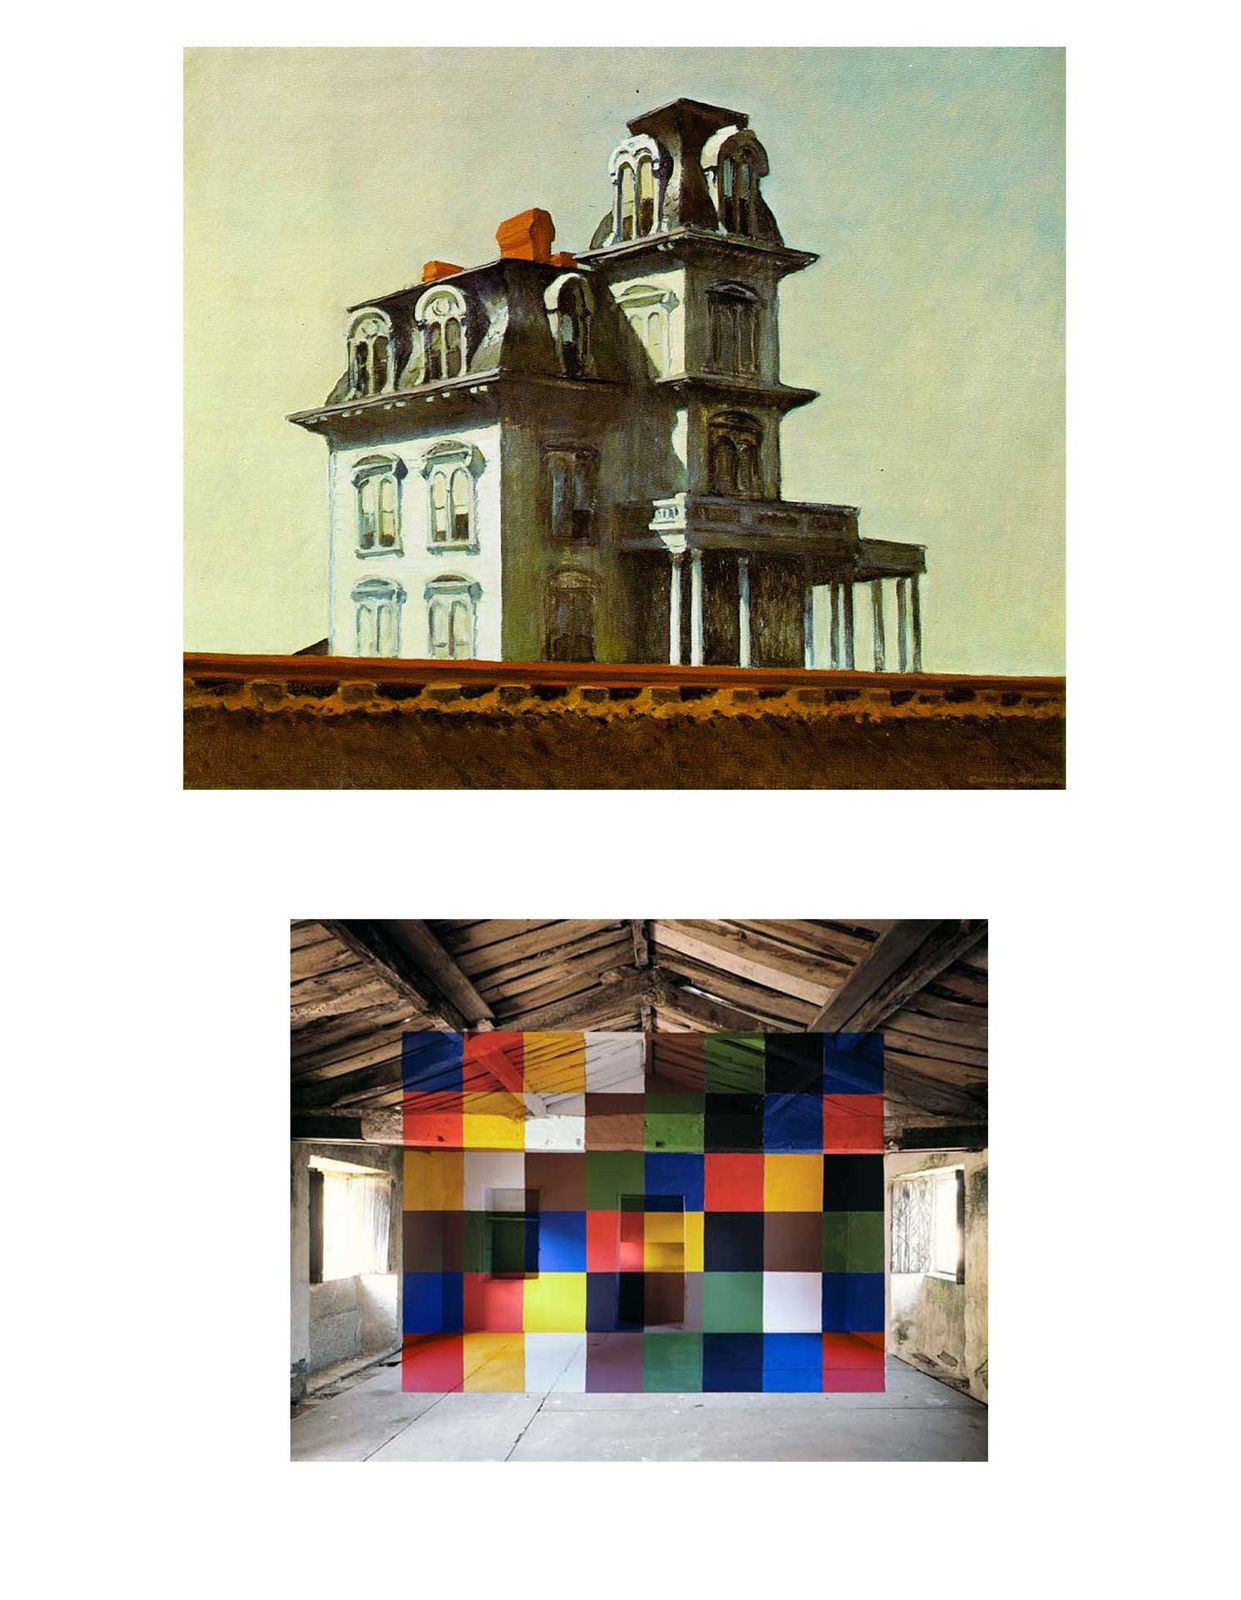 Le blog de martin singer mes cours l 39 cole d 39 art du calaisis - Edward hopper maison ...